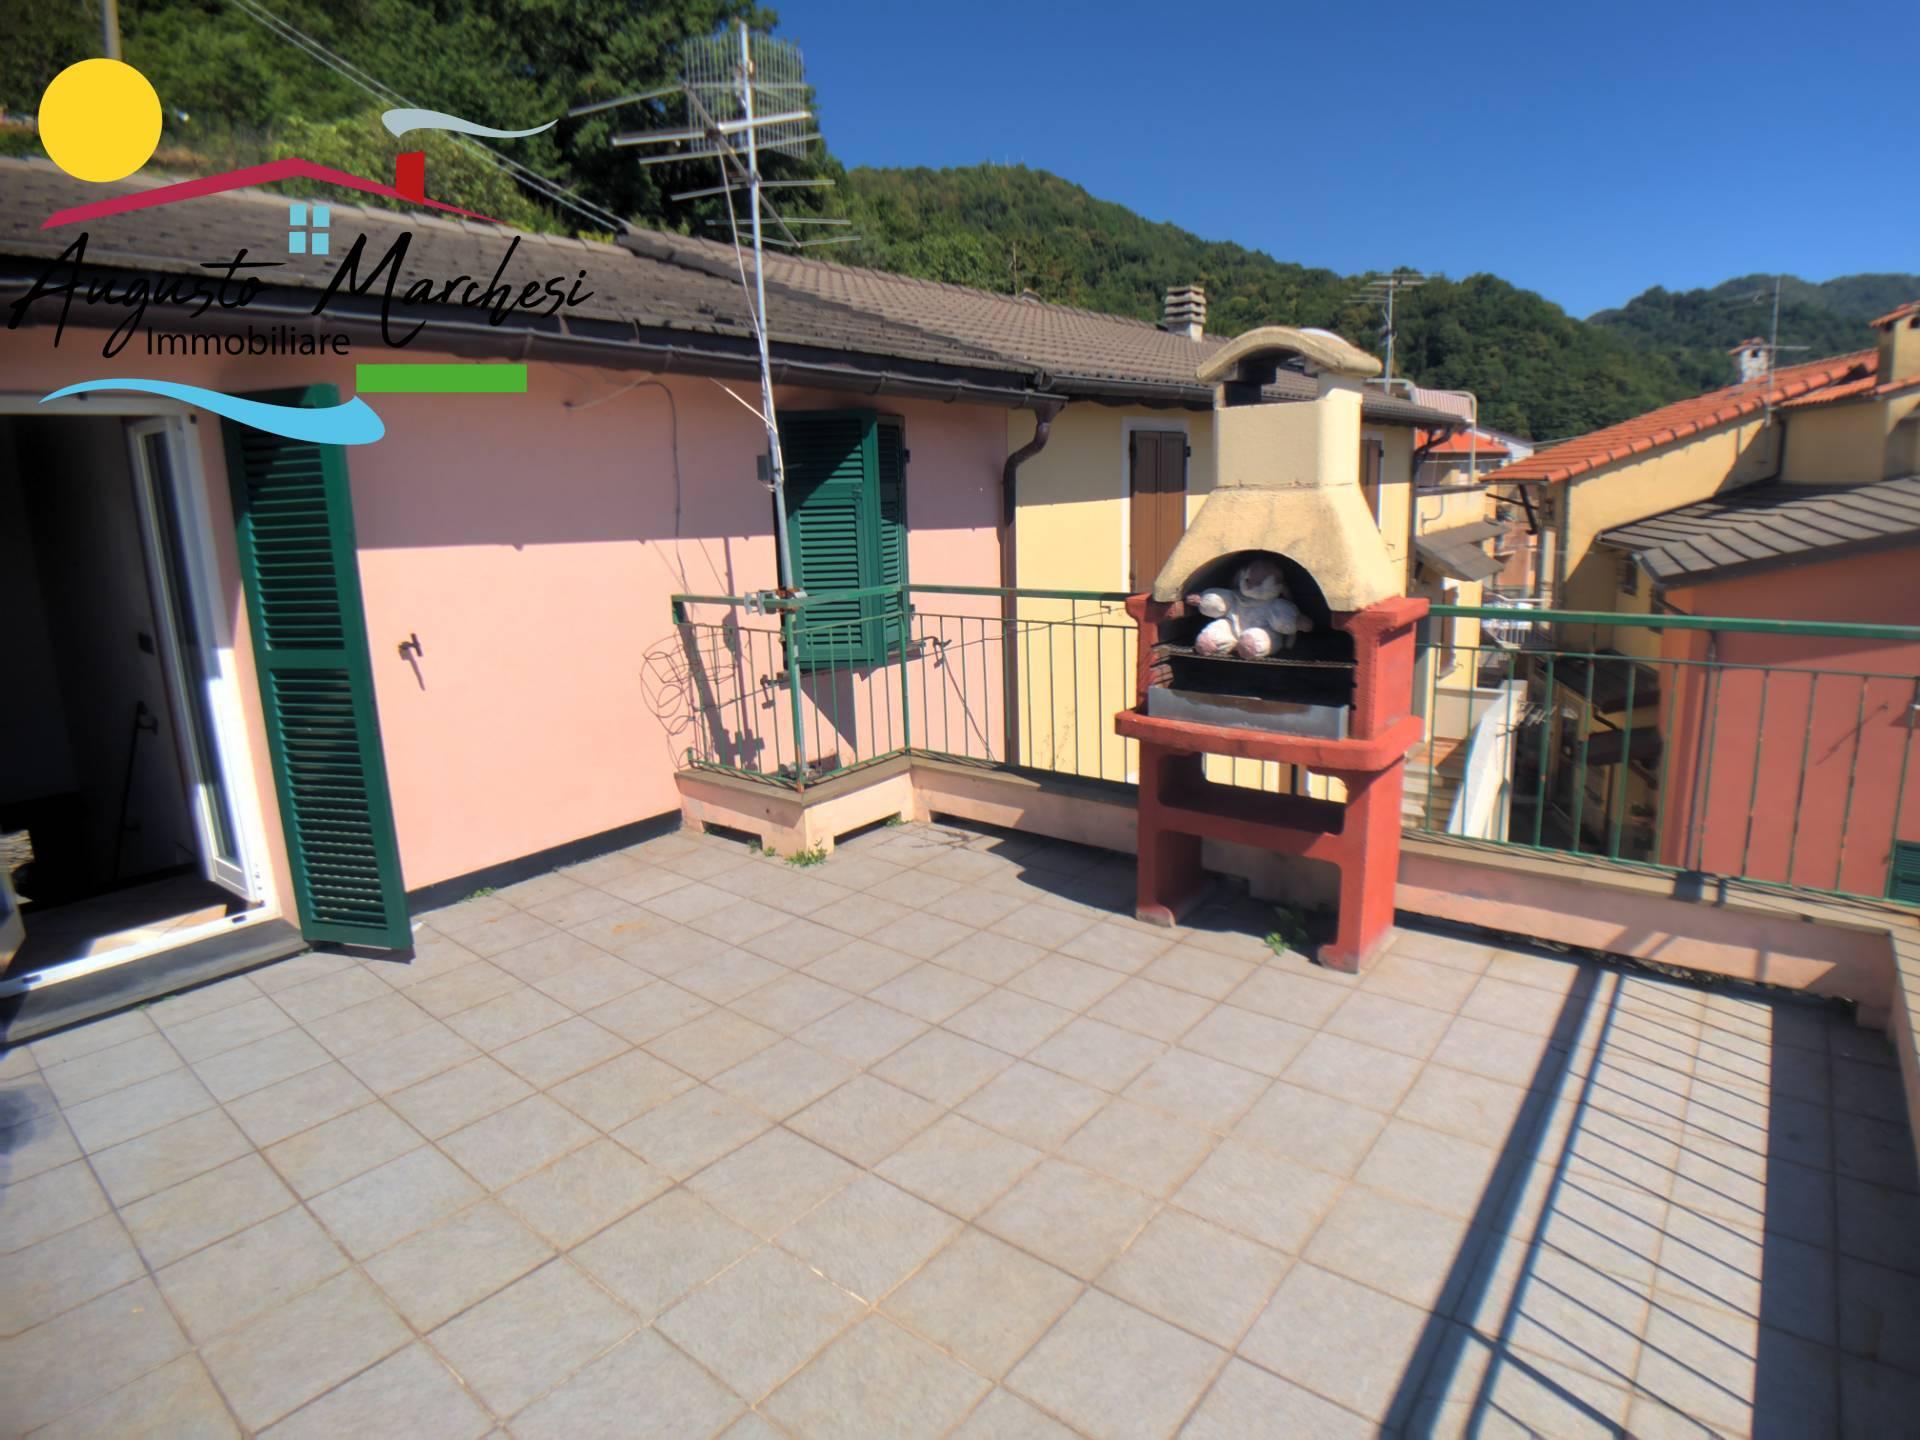 Appartamento in affitto a Uscio, 4 locali, zona Località: altare, prezzo € 620 | CambioCasa.it